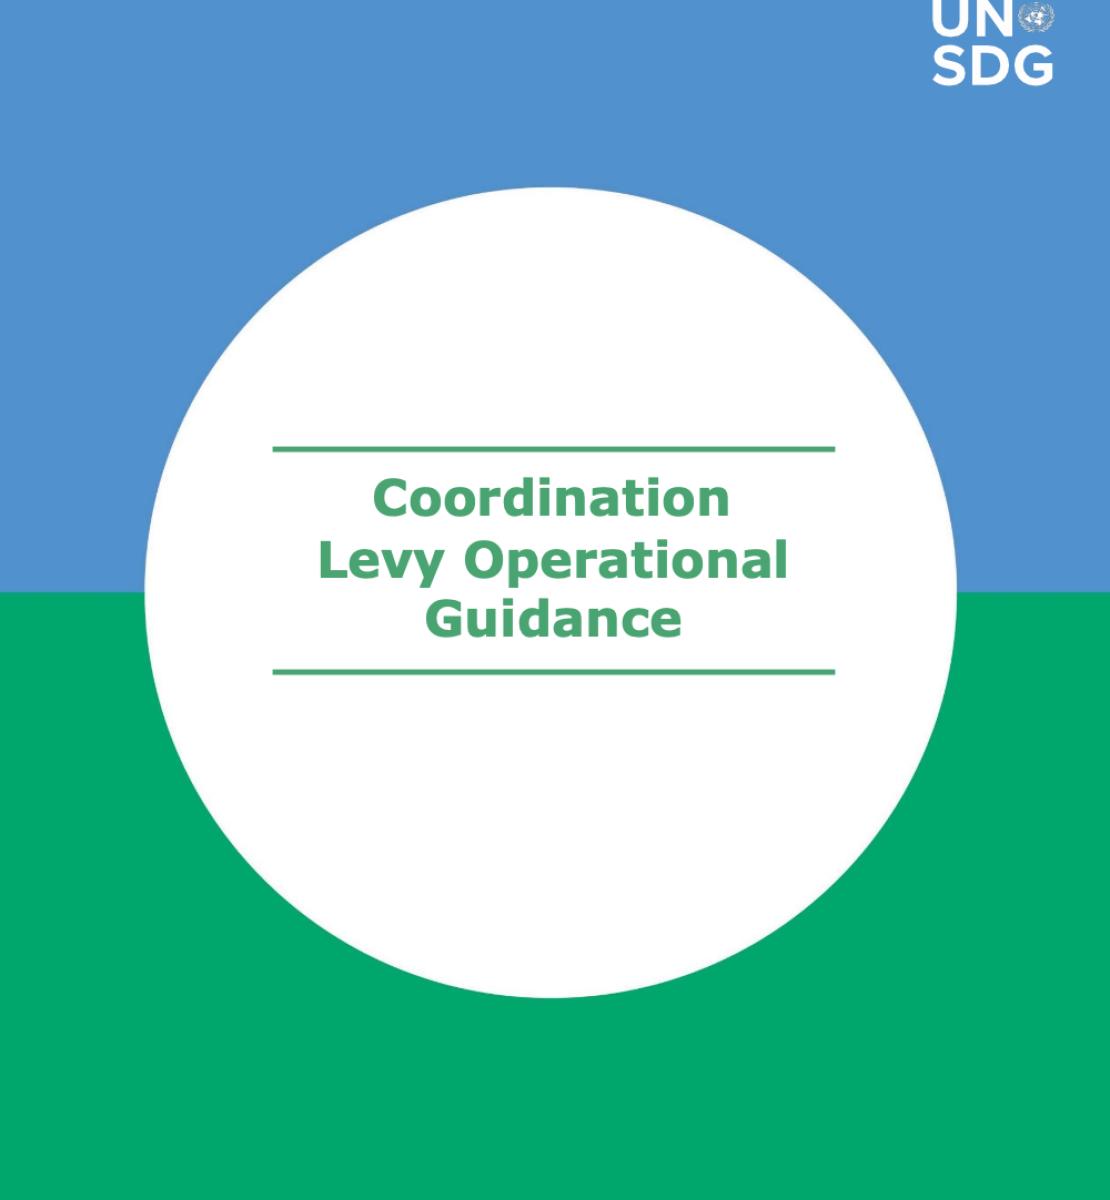 """Couverture d'un document du GNUDD aux couleurs bleu et vert sur laquelle figure, au centre d'un cercle blanc, le titre """"Coordination Levy Operational Guidance"""", qui signifie """"Directives opérationnelles relatives au prélèvement de coordination""""."""